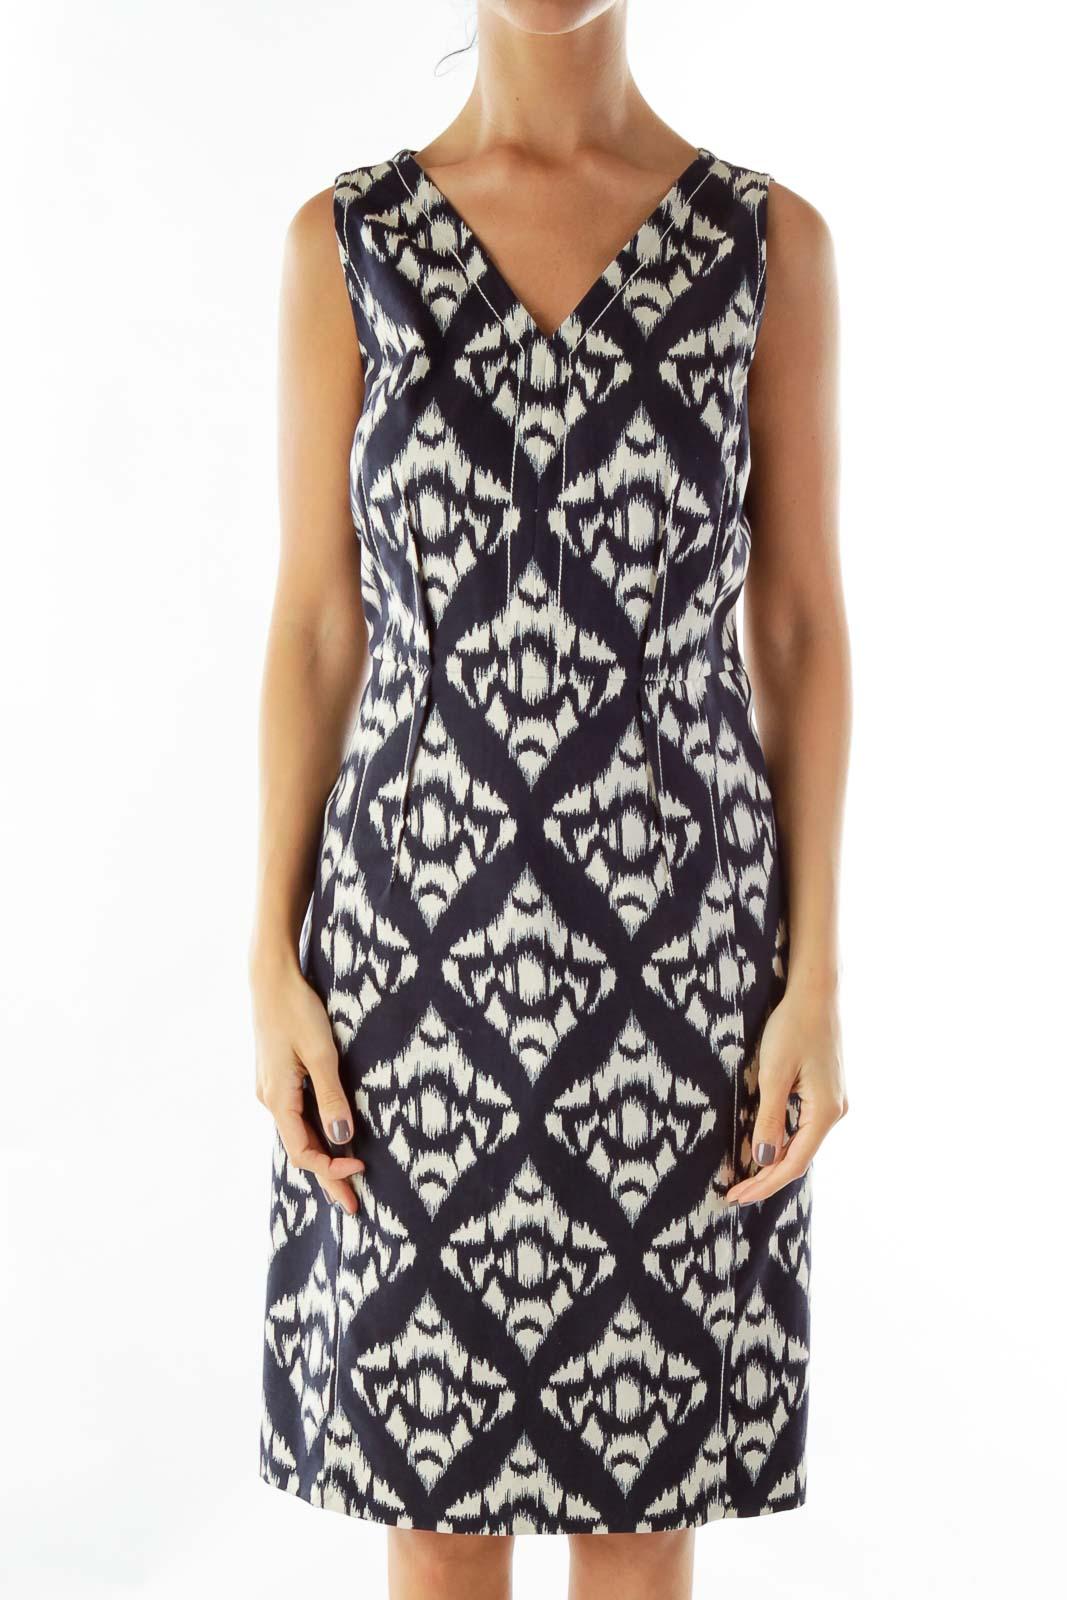 Black White Woven Sleeveless Work Dress Front